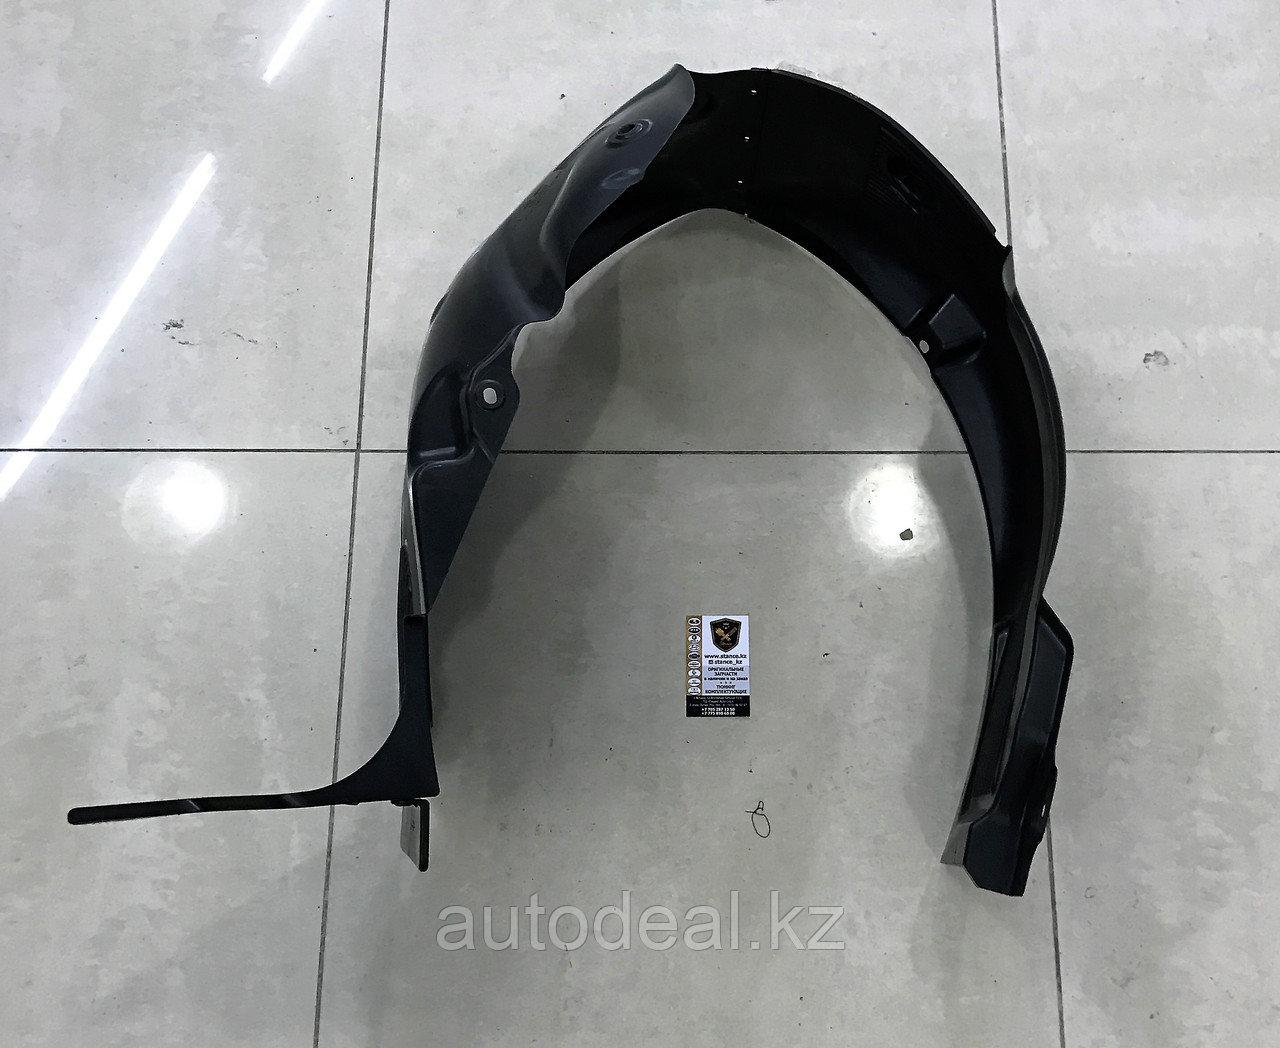 Подкрылок передний левый JAC S3 / Front wheel arch left side